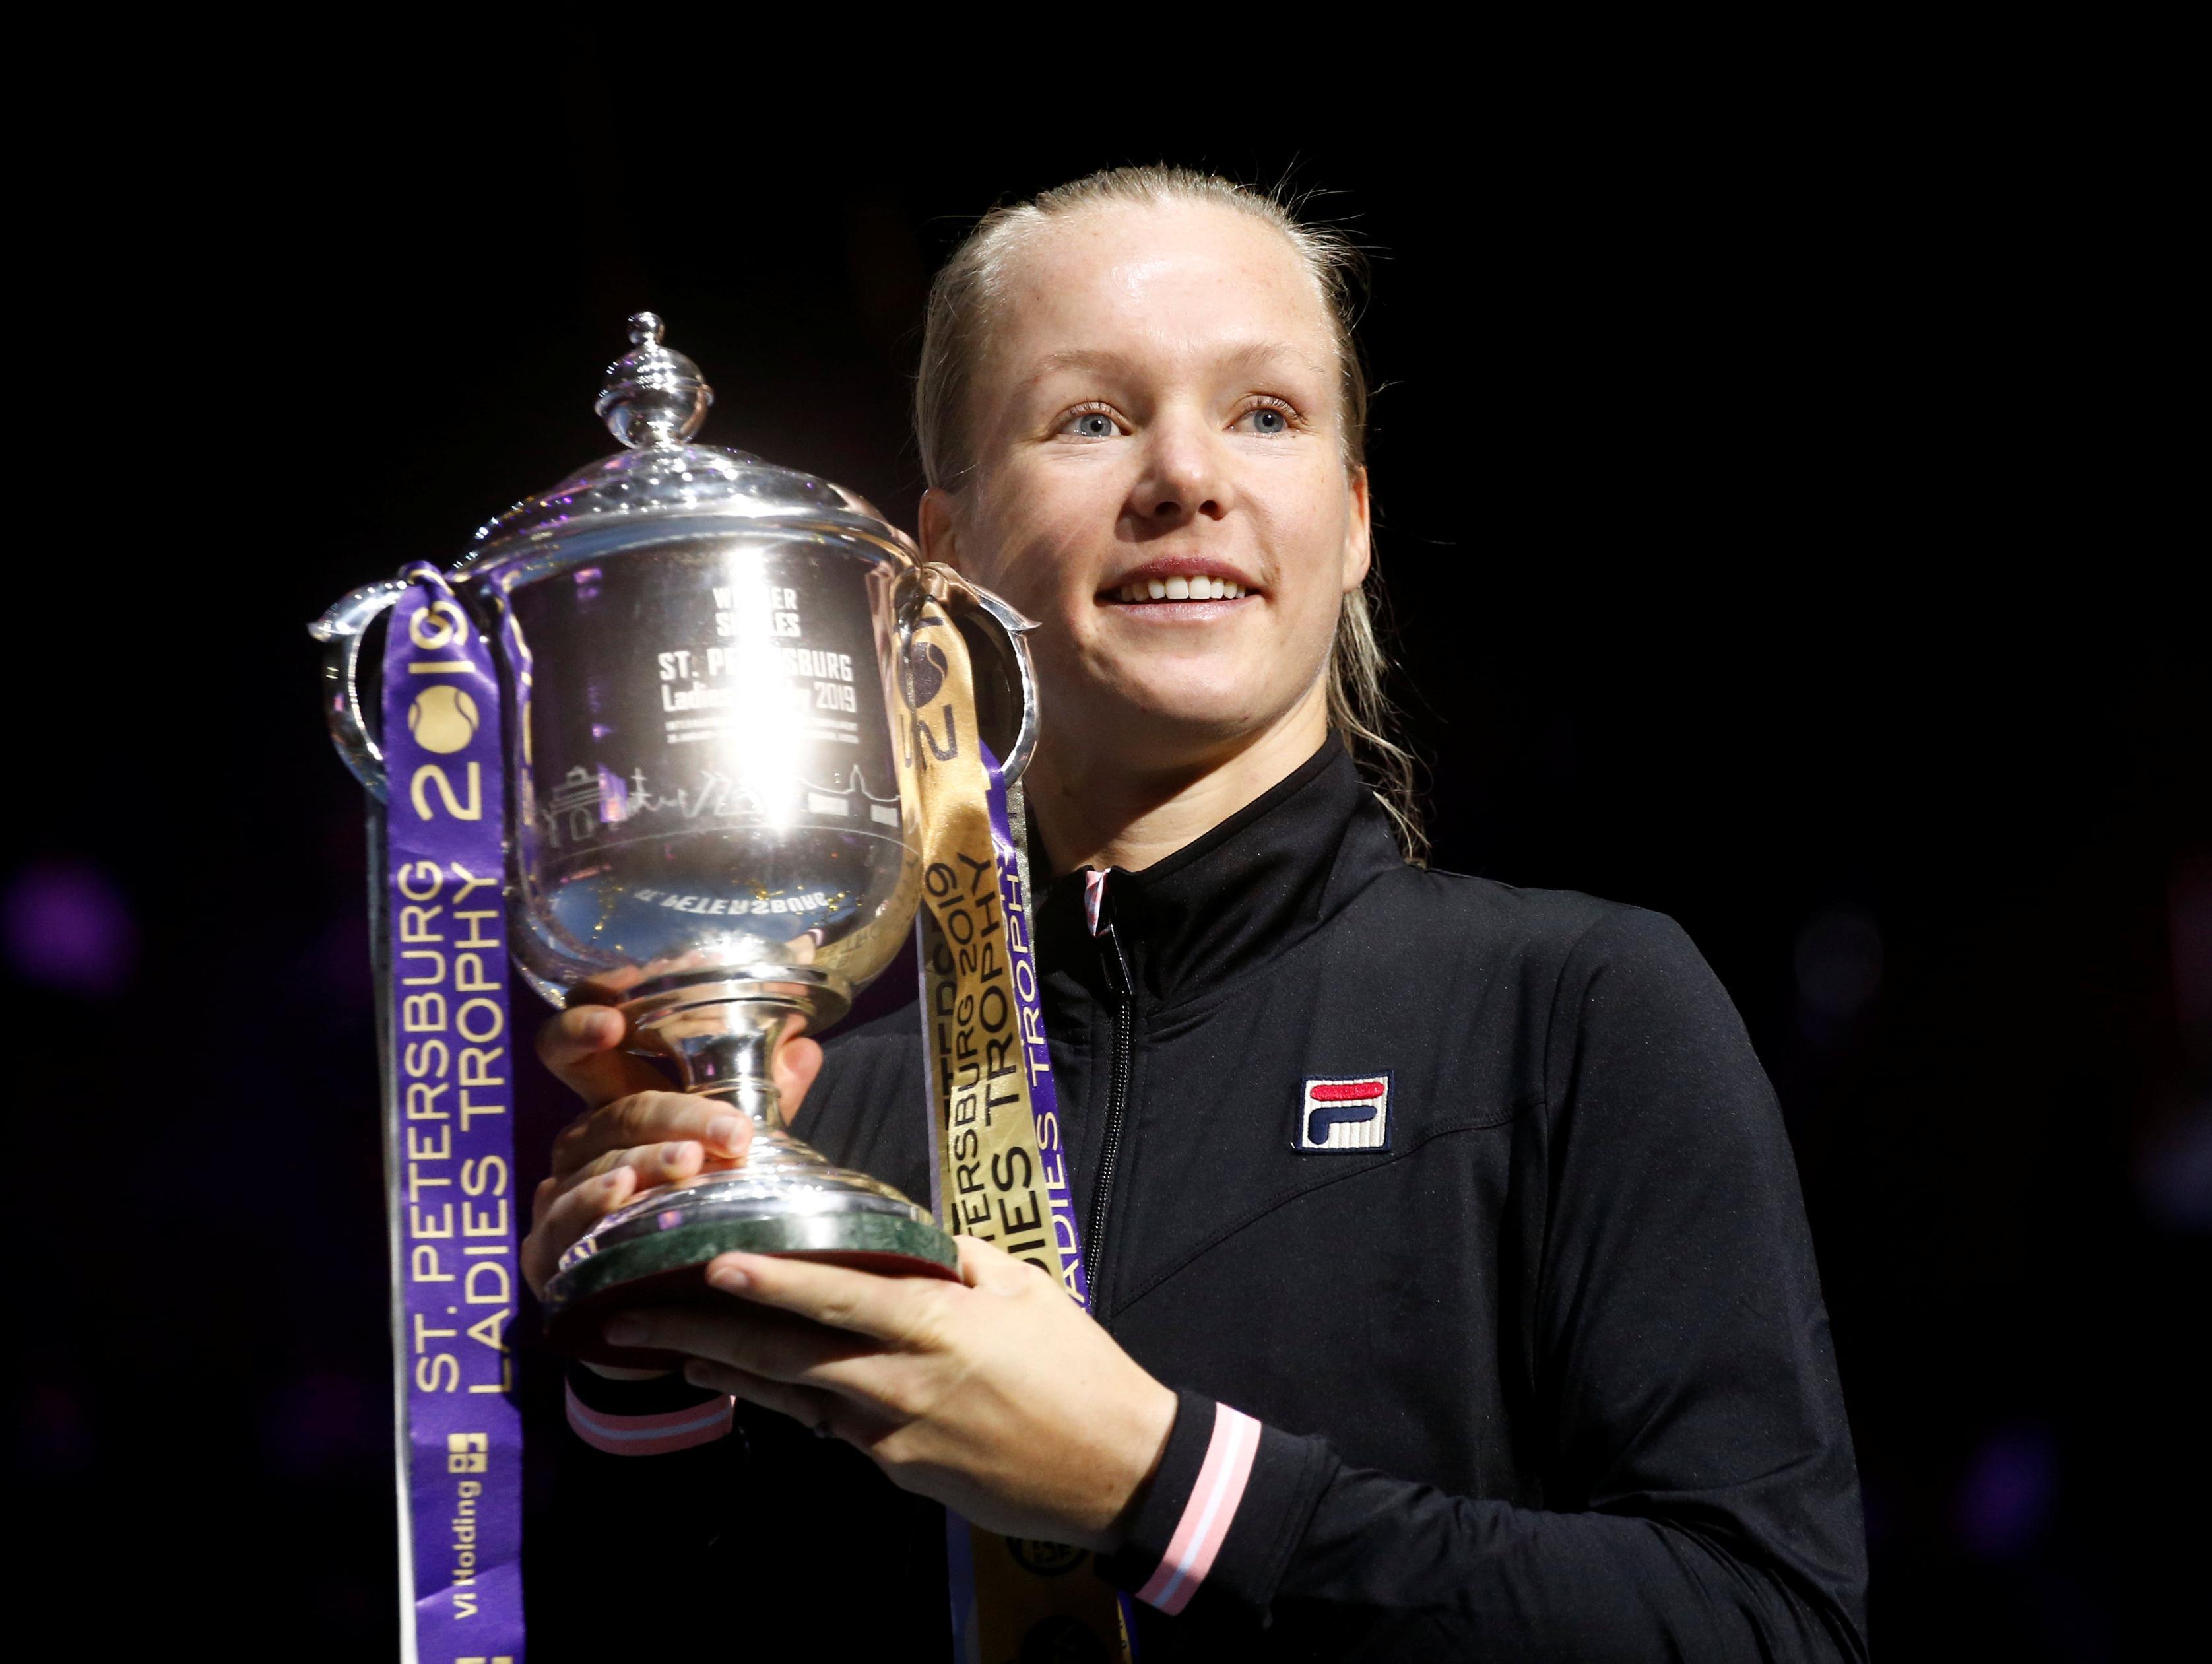 תואר שמיני בקריירה: קיקי ברטנס זכתה בטורניר סנט פטרסבורג